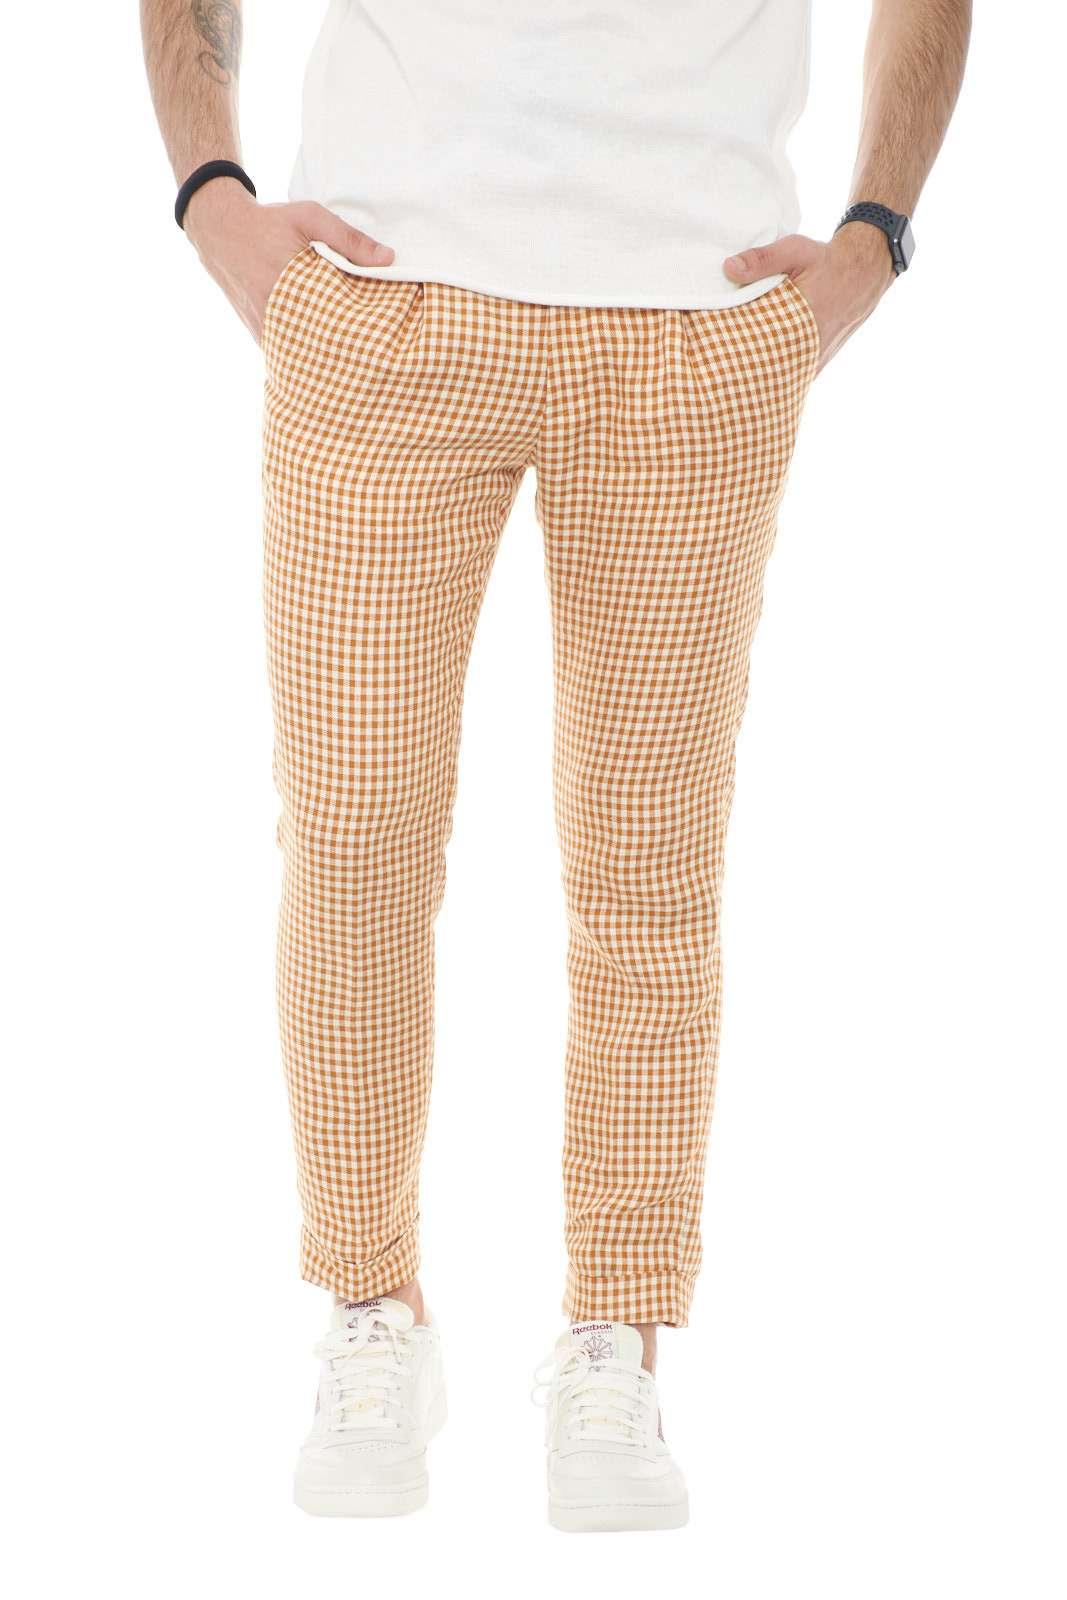 Un pantalone per l'uomo che ama risultare elegante e trendy in ogni evenienza. Il Michael Coal FREDERICK3672, garantirà stile e classe, grazie alla sua fantasia in pied de poule, e al taglio capri, per un look sempre sul pezzo. Ideale da indossare per cerimonie e occasioni formali.